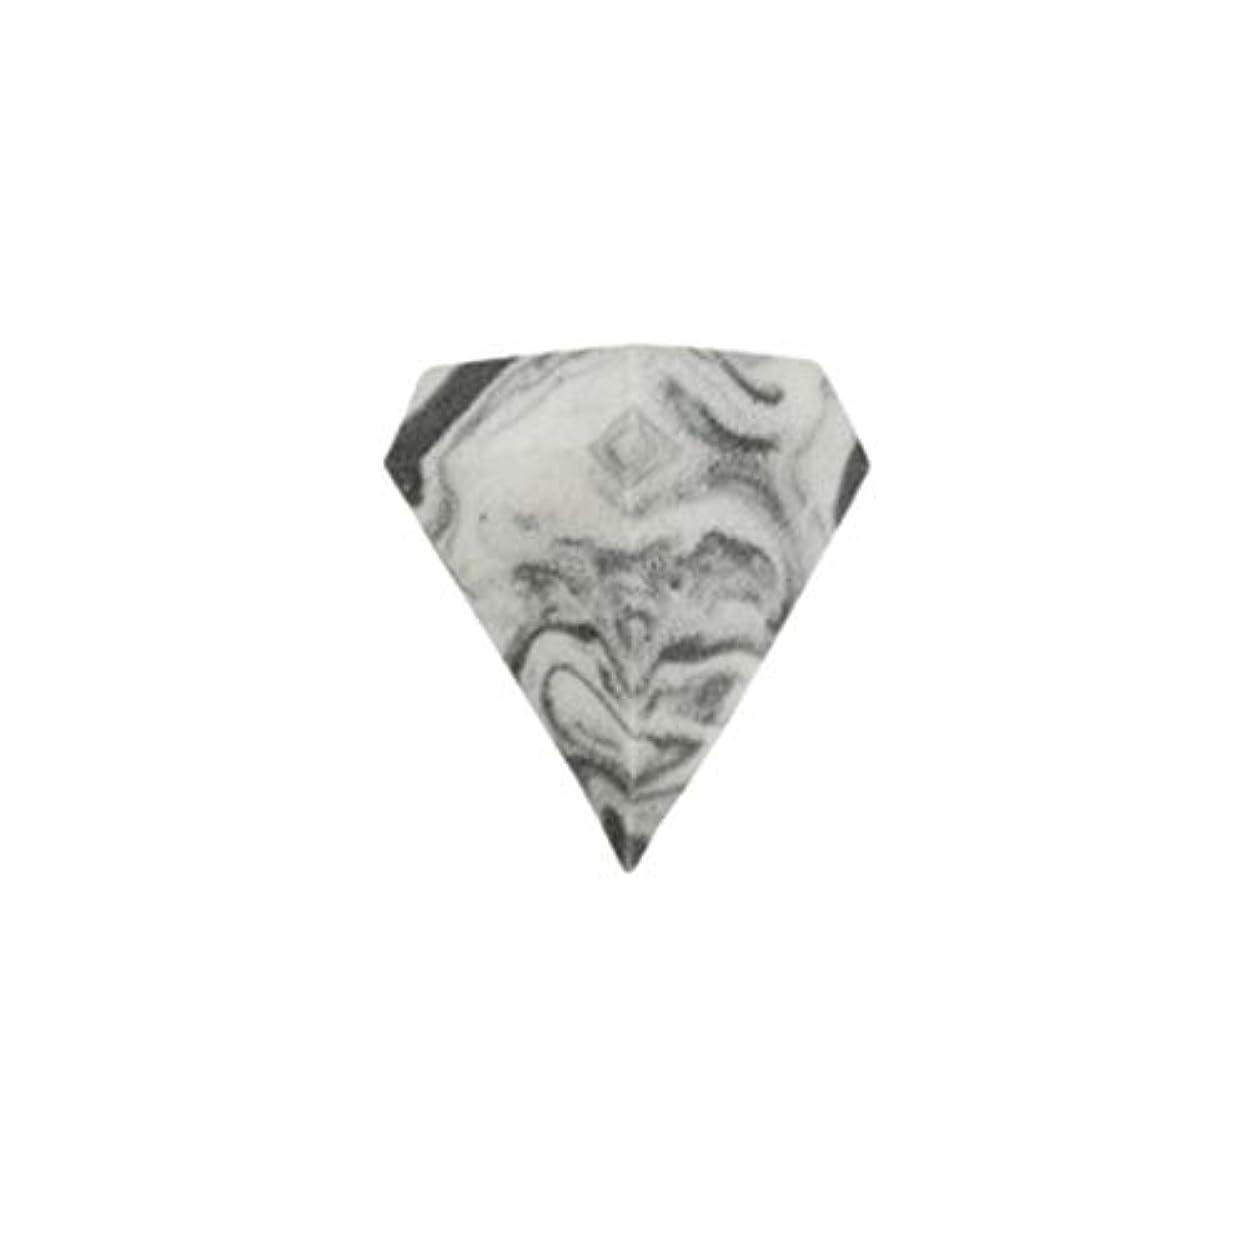 霧構造警戒美のスポンジ、柔らかいダイヤモンド形の構造の混合物の基礎スポンジ